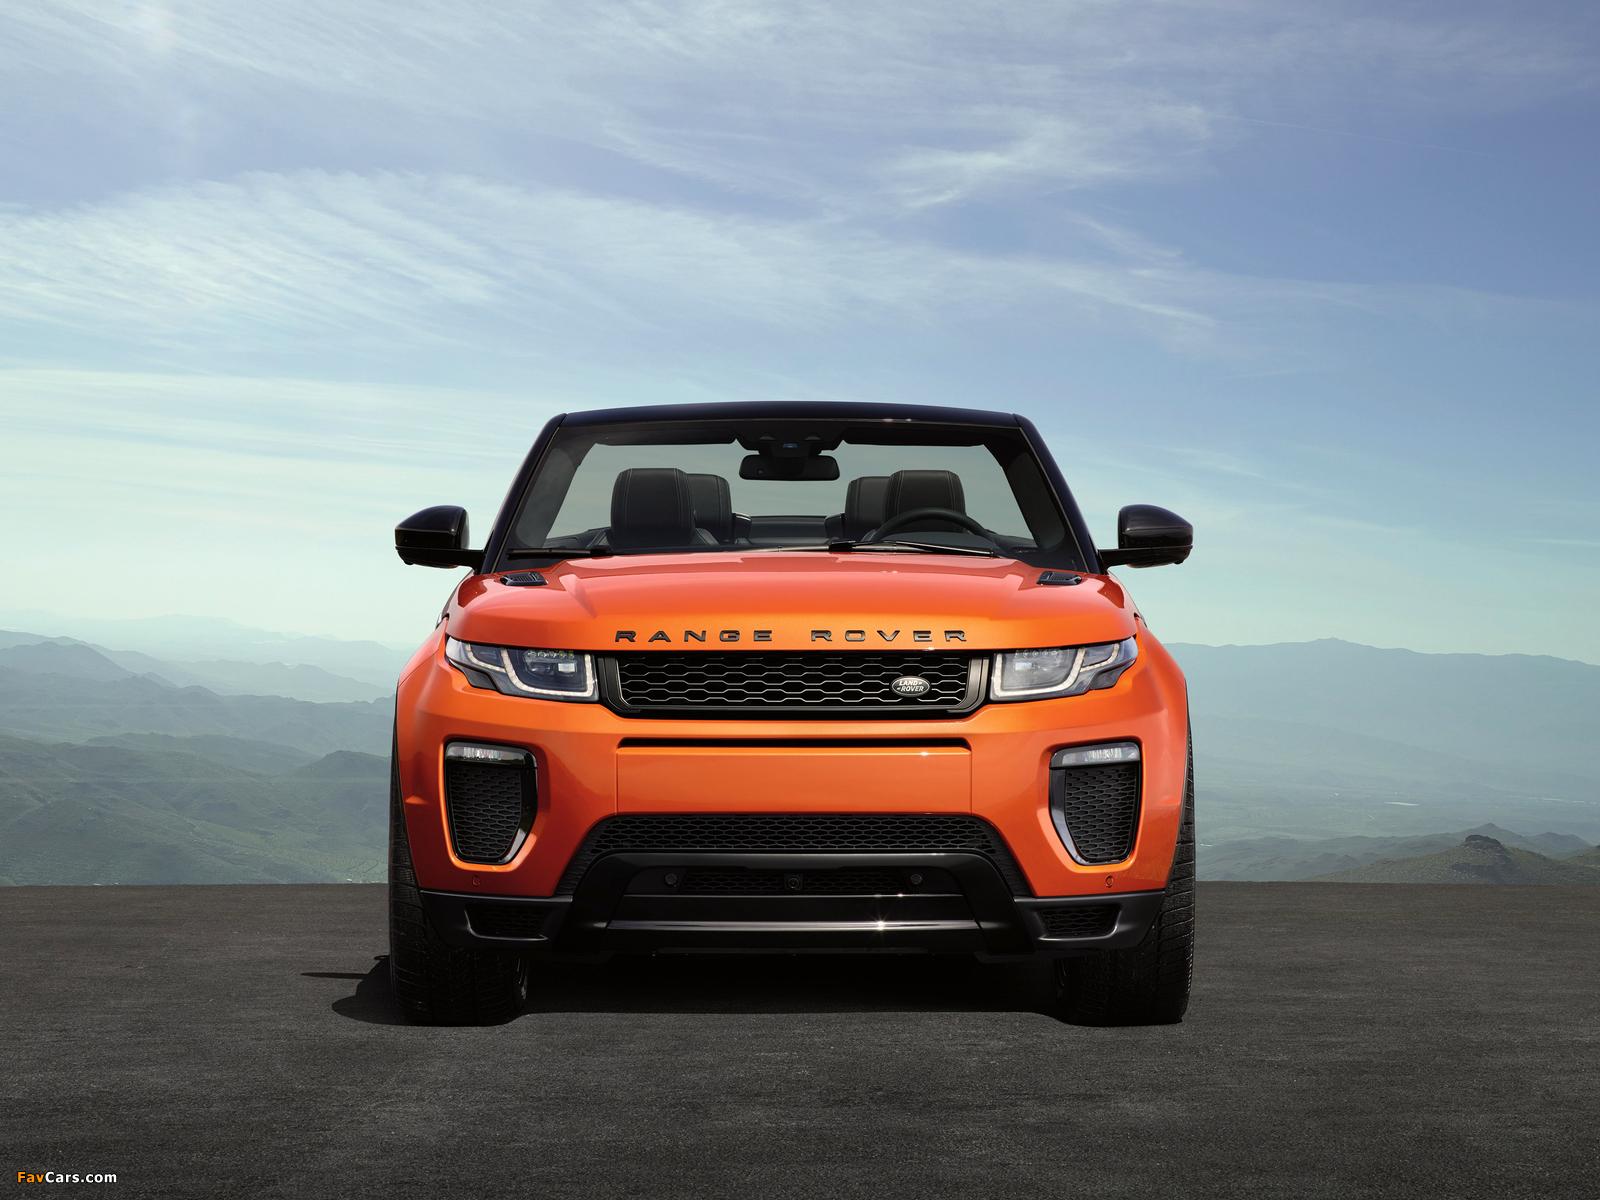 Автомобиль джип range rover evoque convertible скачать